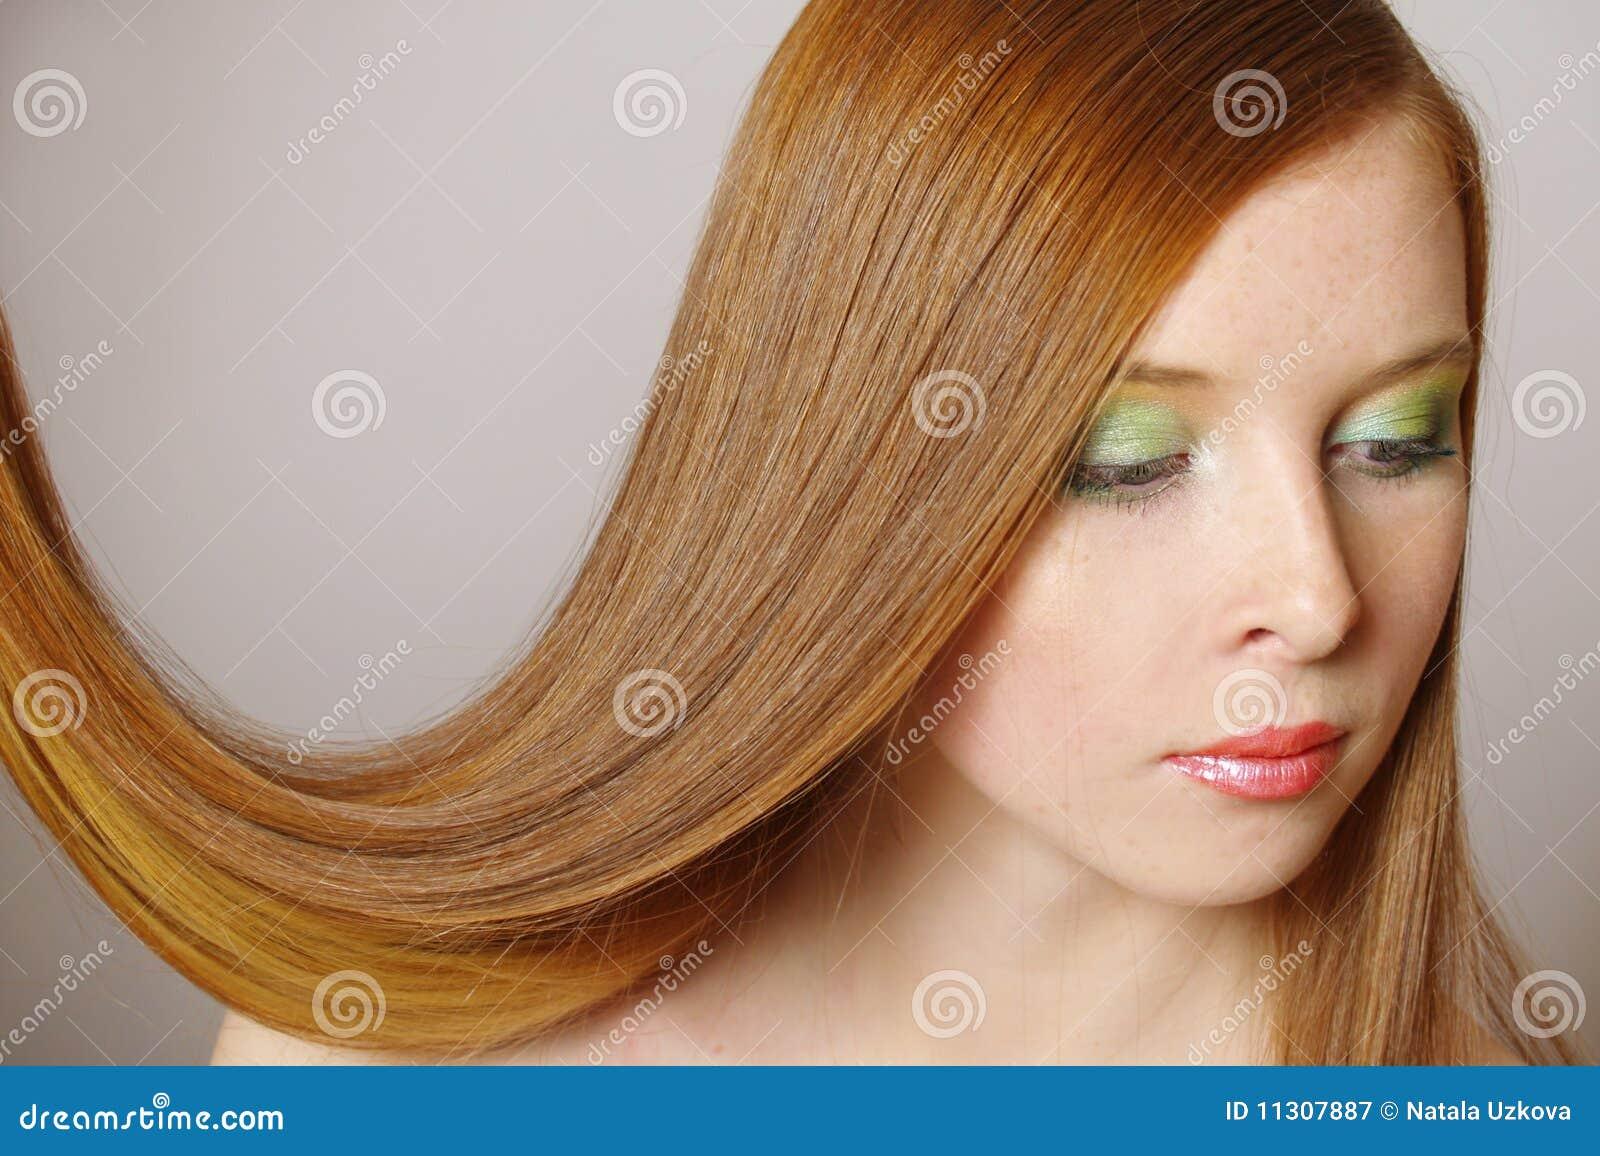 Das schöne Mädchen mit dem langen roten Haar